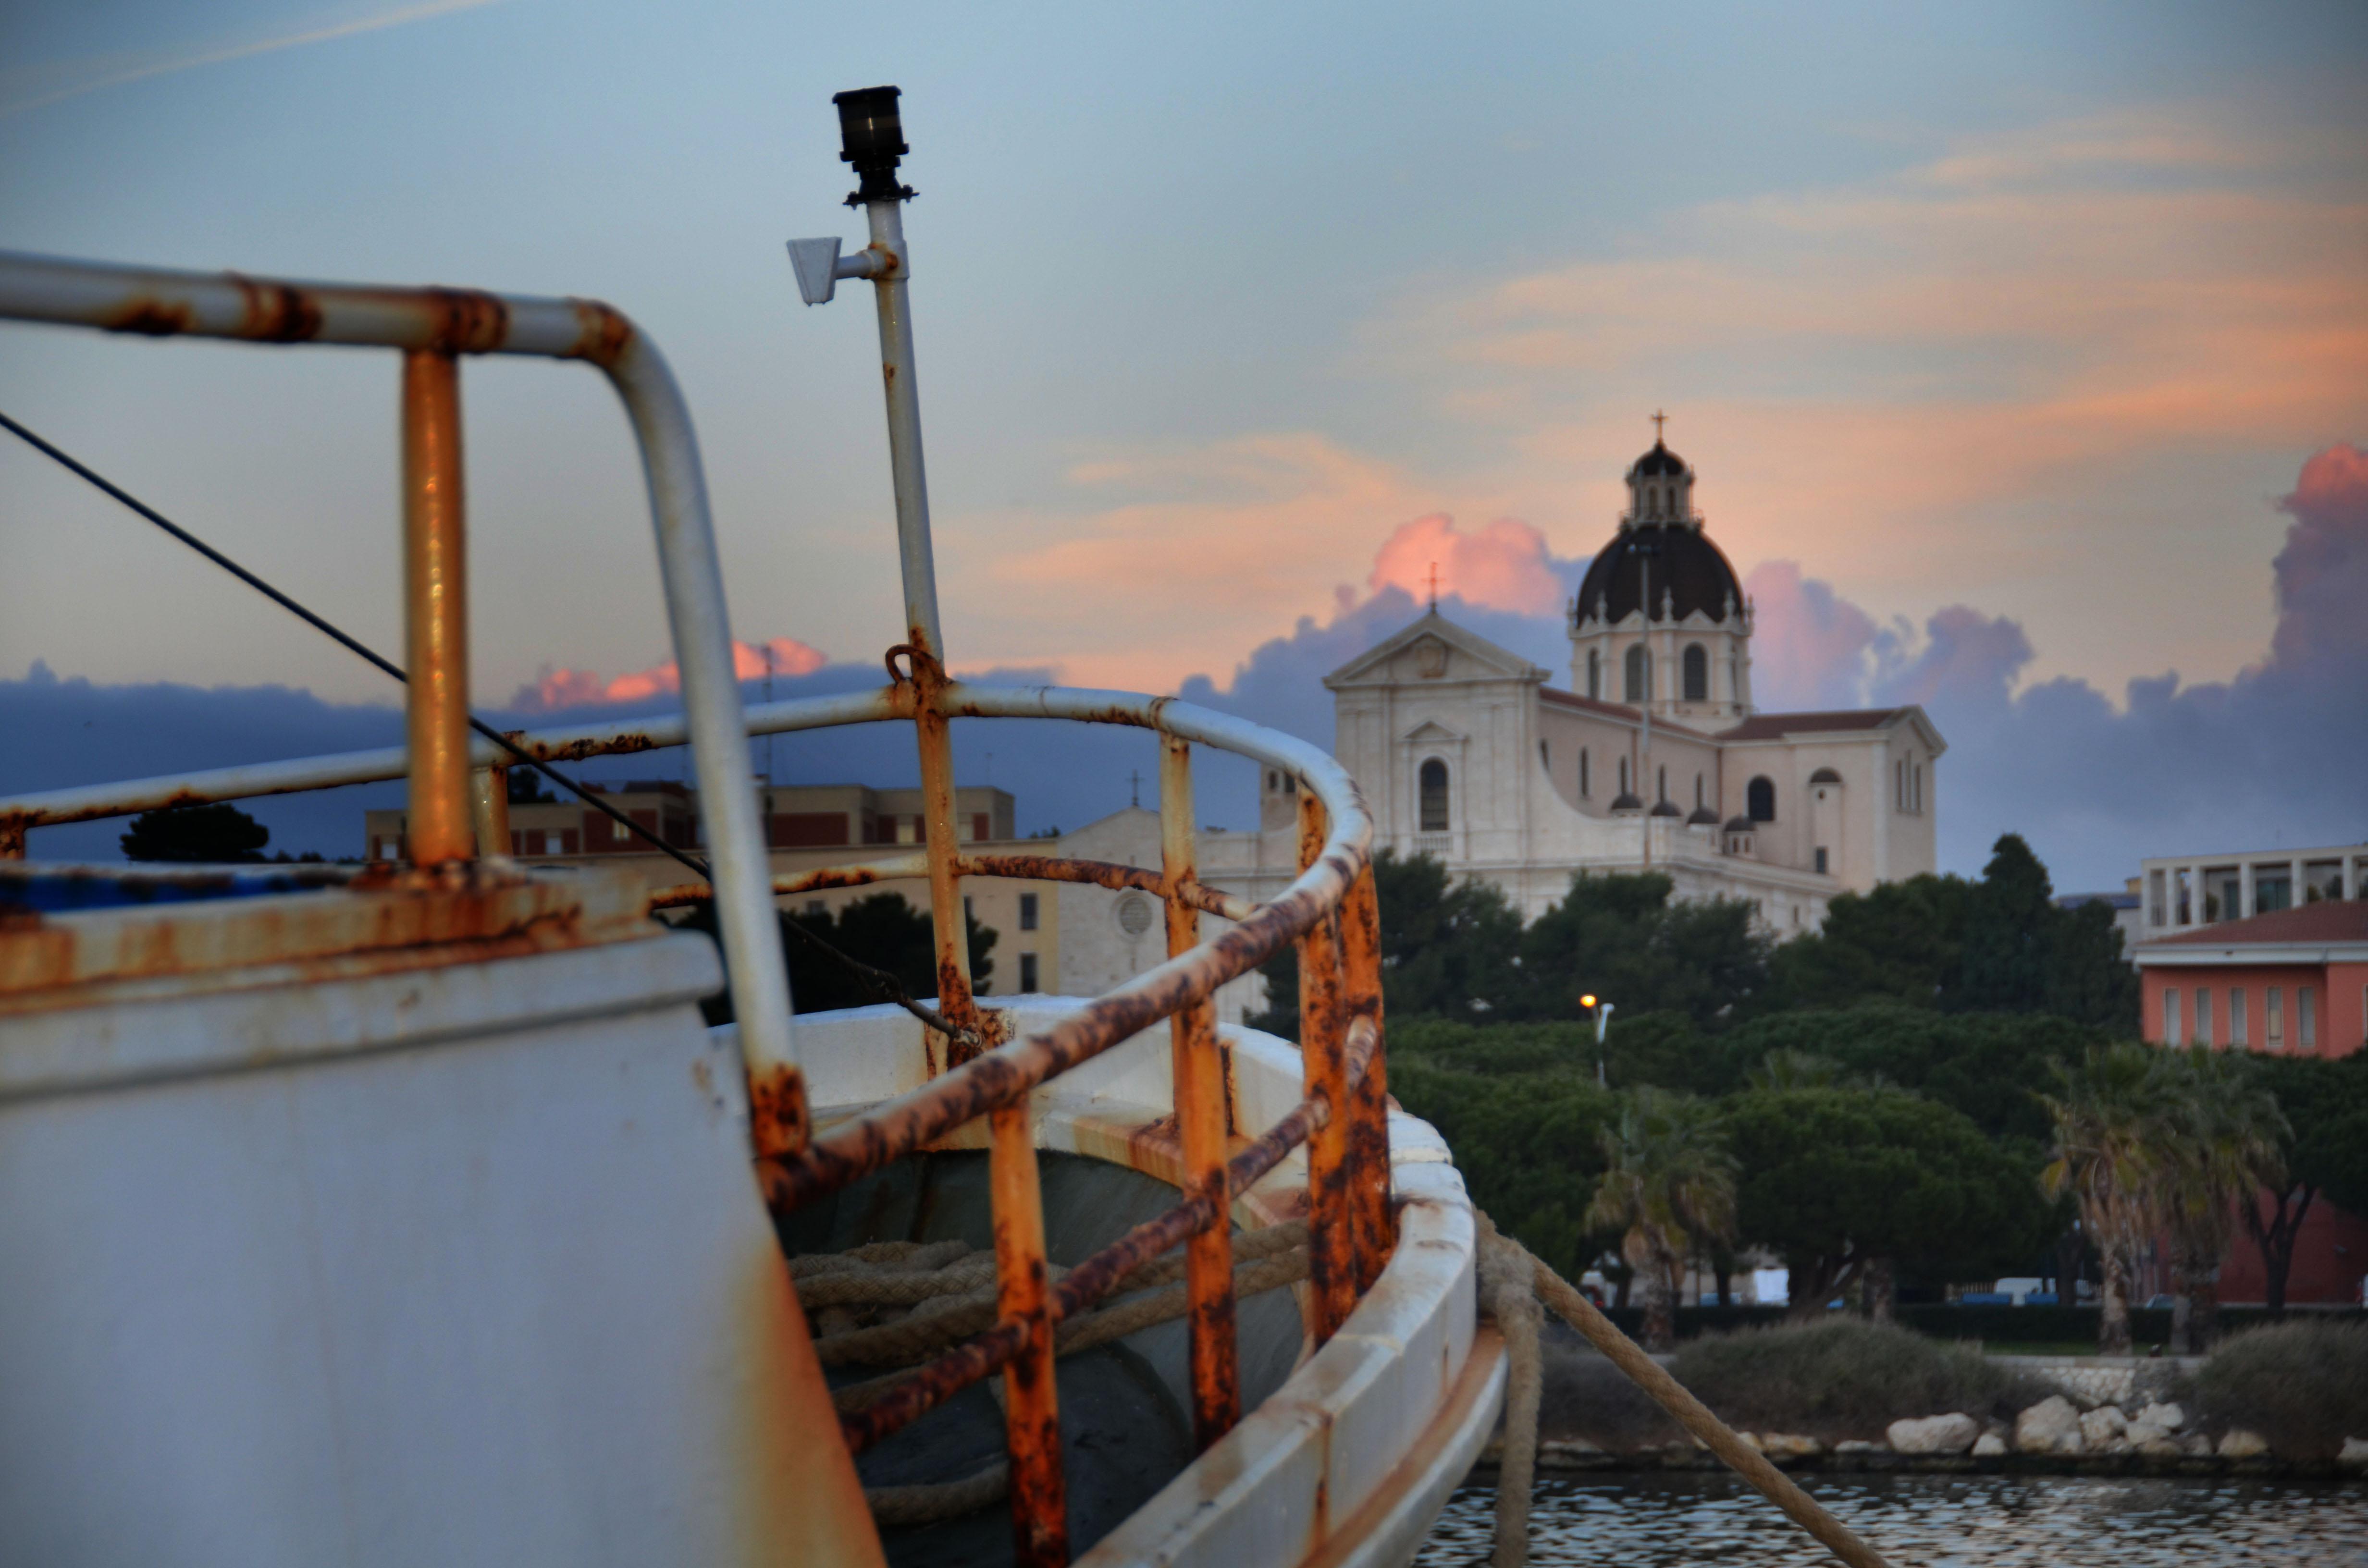 Pesca e pescherecci a Cagliari. Viaggio nelle marinerie di un antico porto. Cagliari Centro Comunale d'Arte e Cultura Exmà Dal 9 aprile all'11 maggio